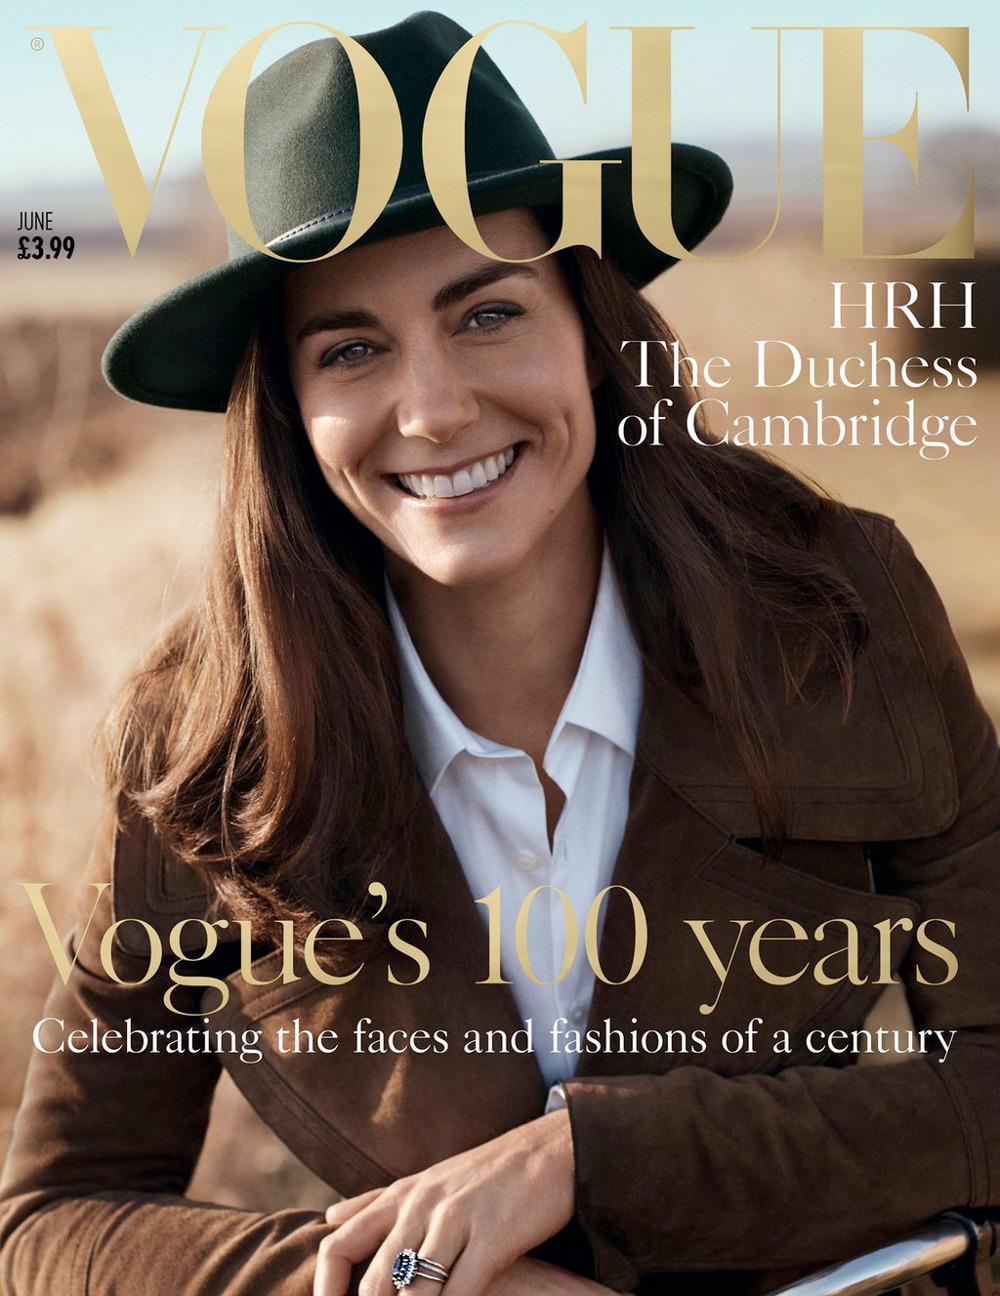 Η Κέιτ Μίντλετον στο εξώφυλλο του επετειακού τεύχους της Vogue τον Ιούνιο του 2016